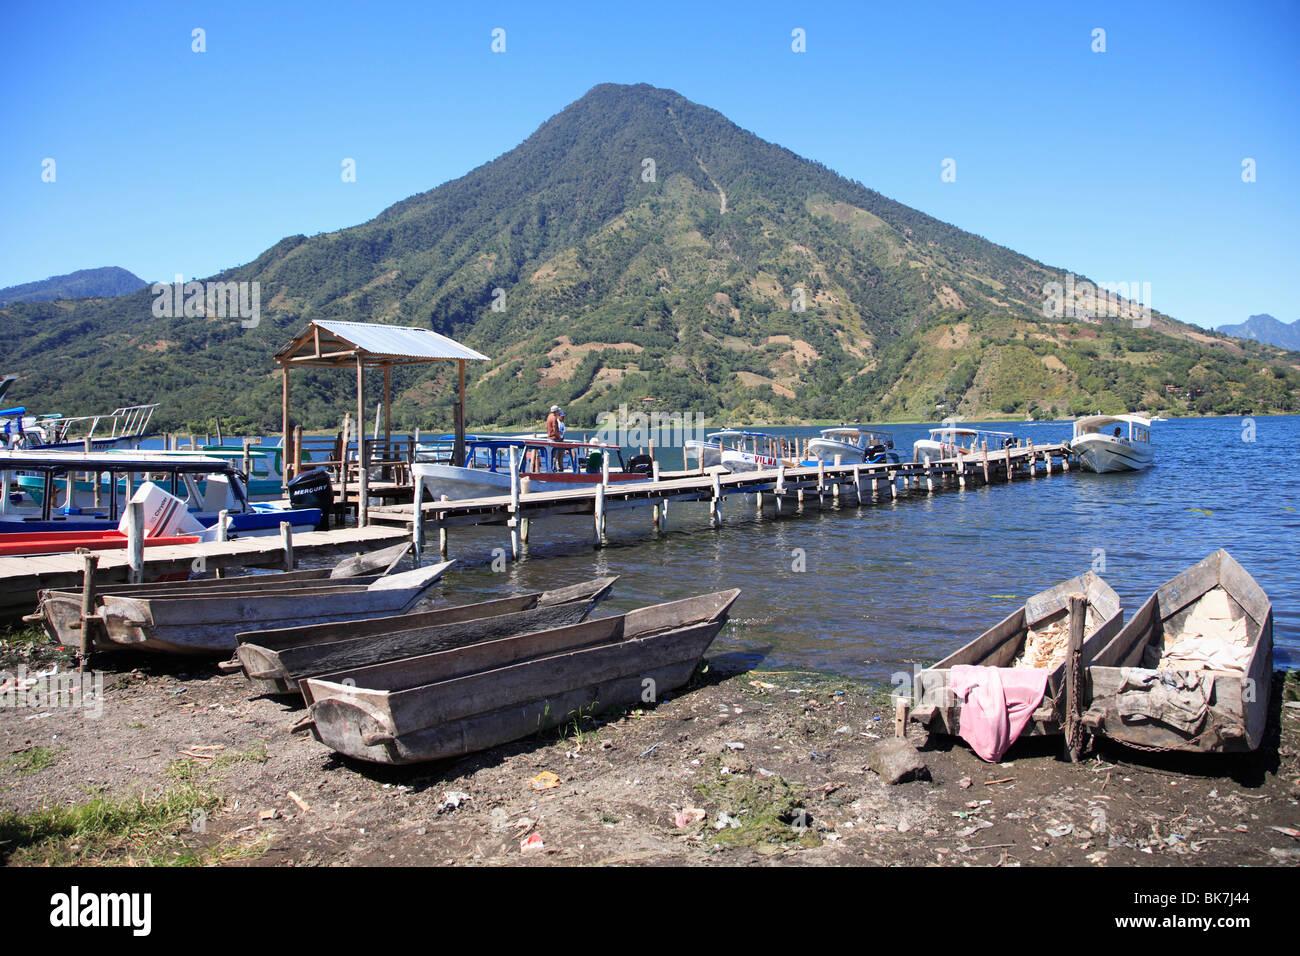 Santiago Atitlan, Lake Atitlan, Guatemala, Central America&#10, - Stock Image